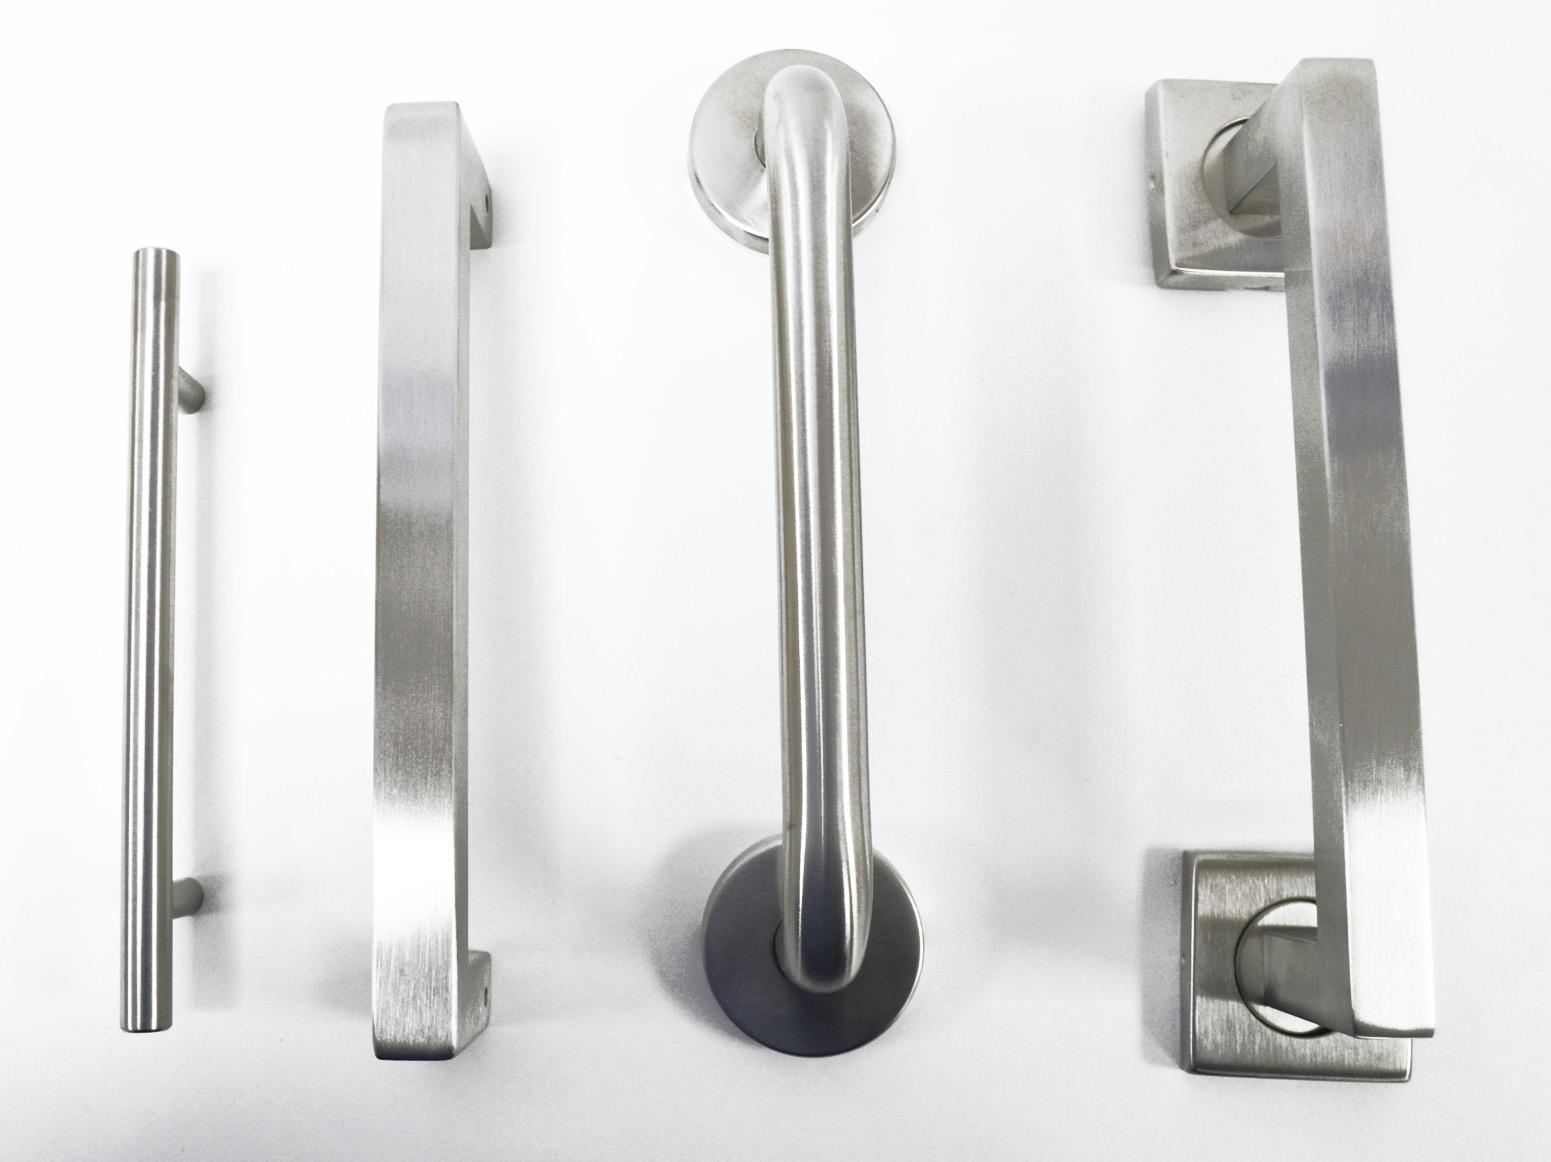 Herrajes Para Puertas Dycten Soluciones Constructivas ~ Manillas Para Puertas De Madera